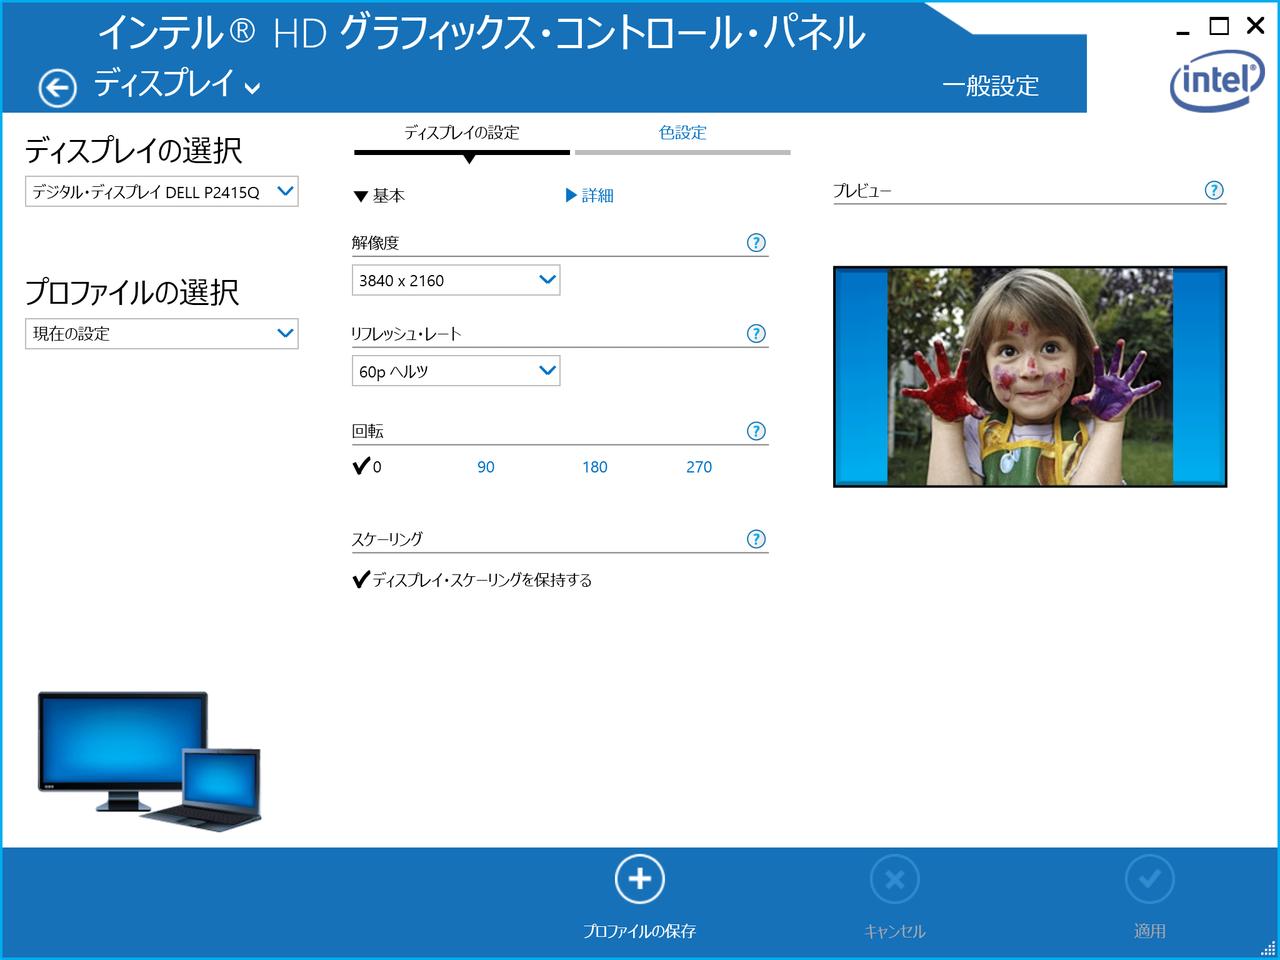 インテル HD グラフィックス・コントロール・パネル